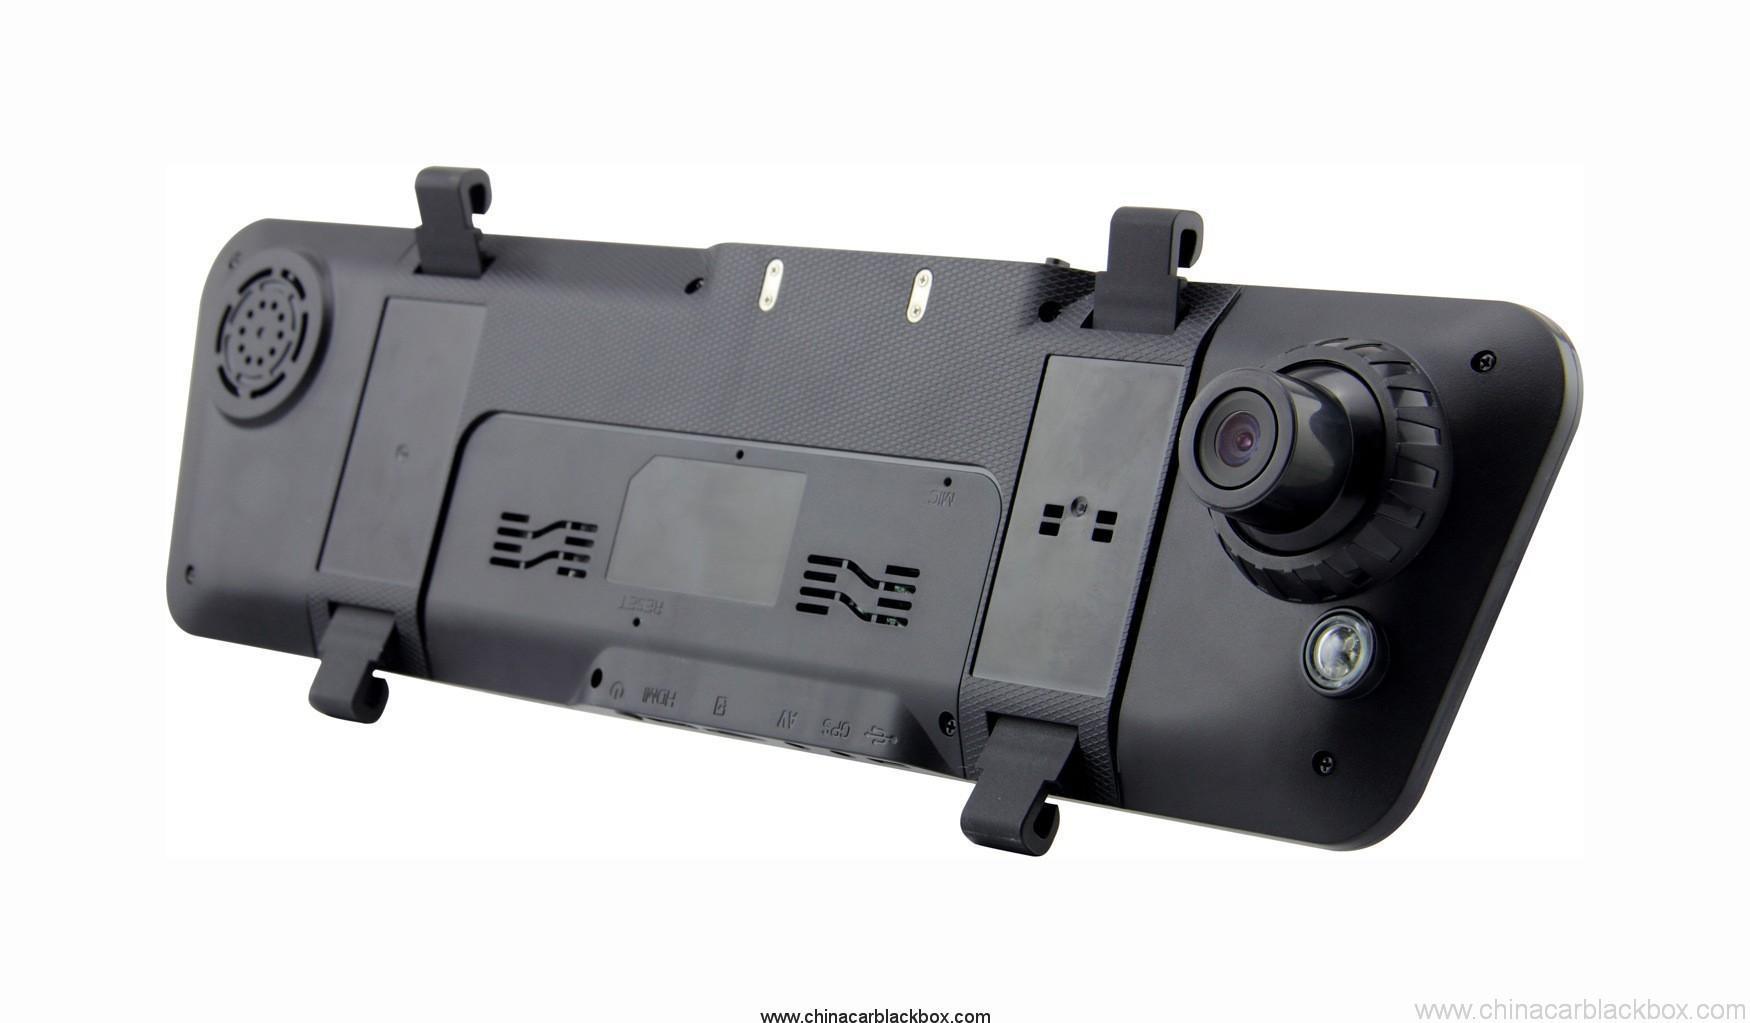 Dual lens FHD 1080P rearview mirror 4.3 inch car dvr 3